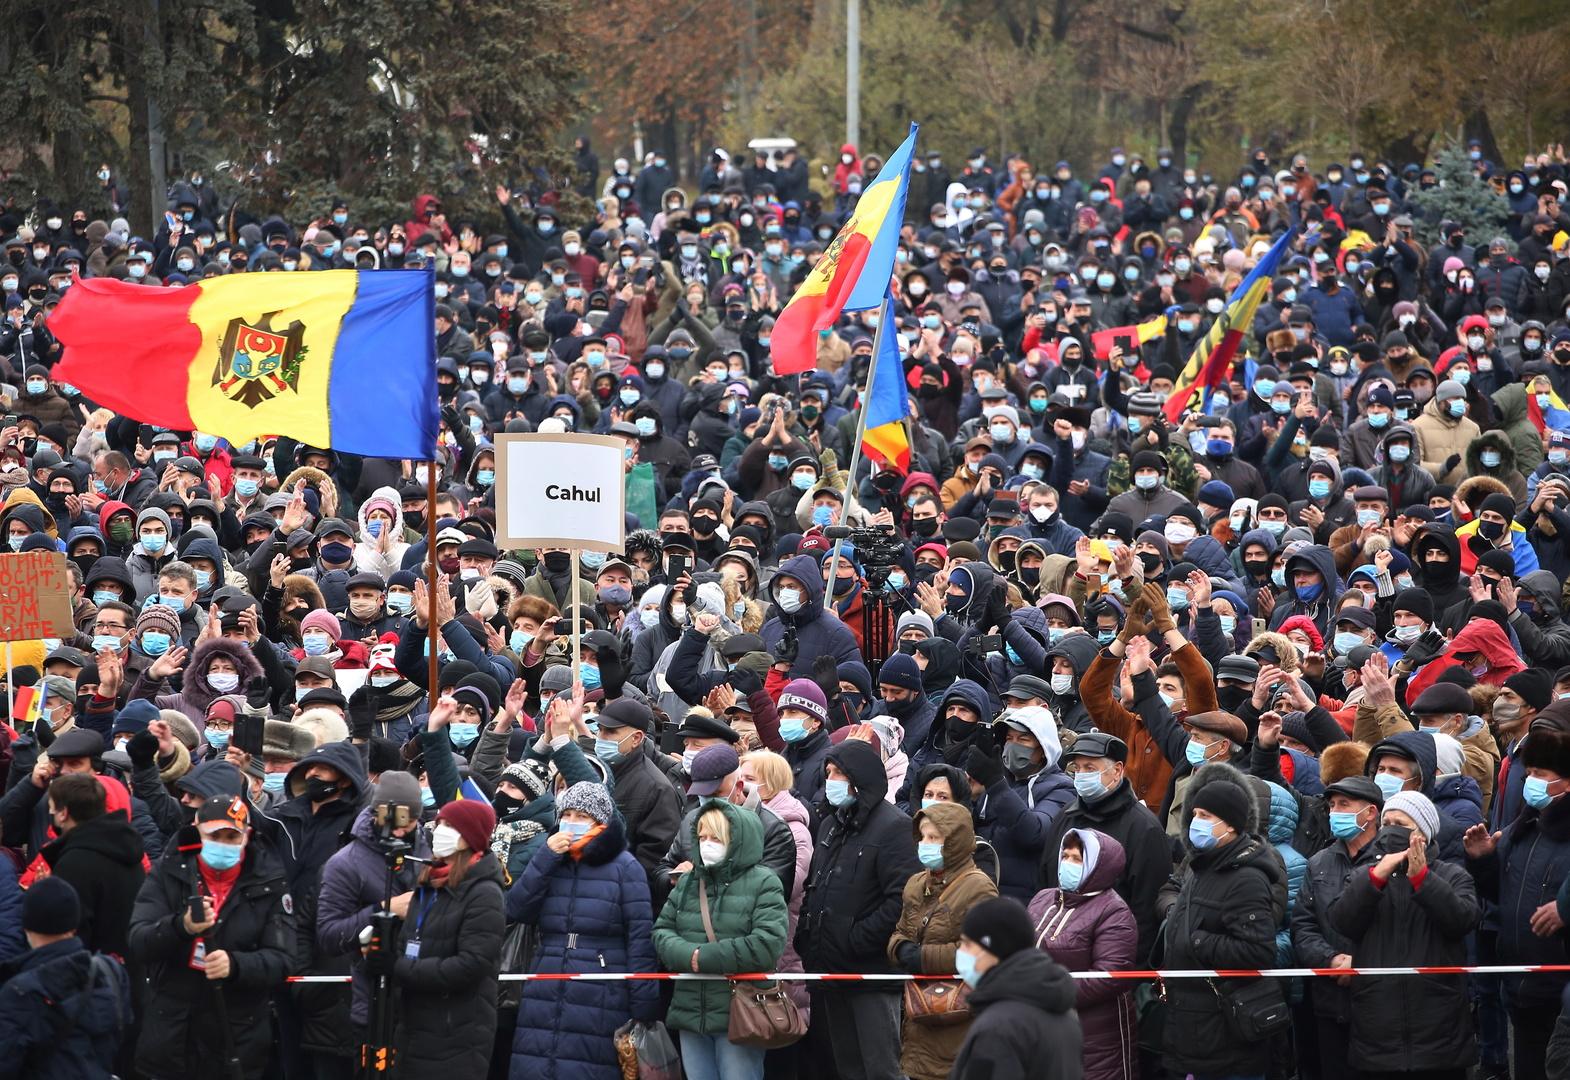 احتجاجات في مولدوفا تطالب باستقالة الحكومة وانتخابات برلمانية مبكرة